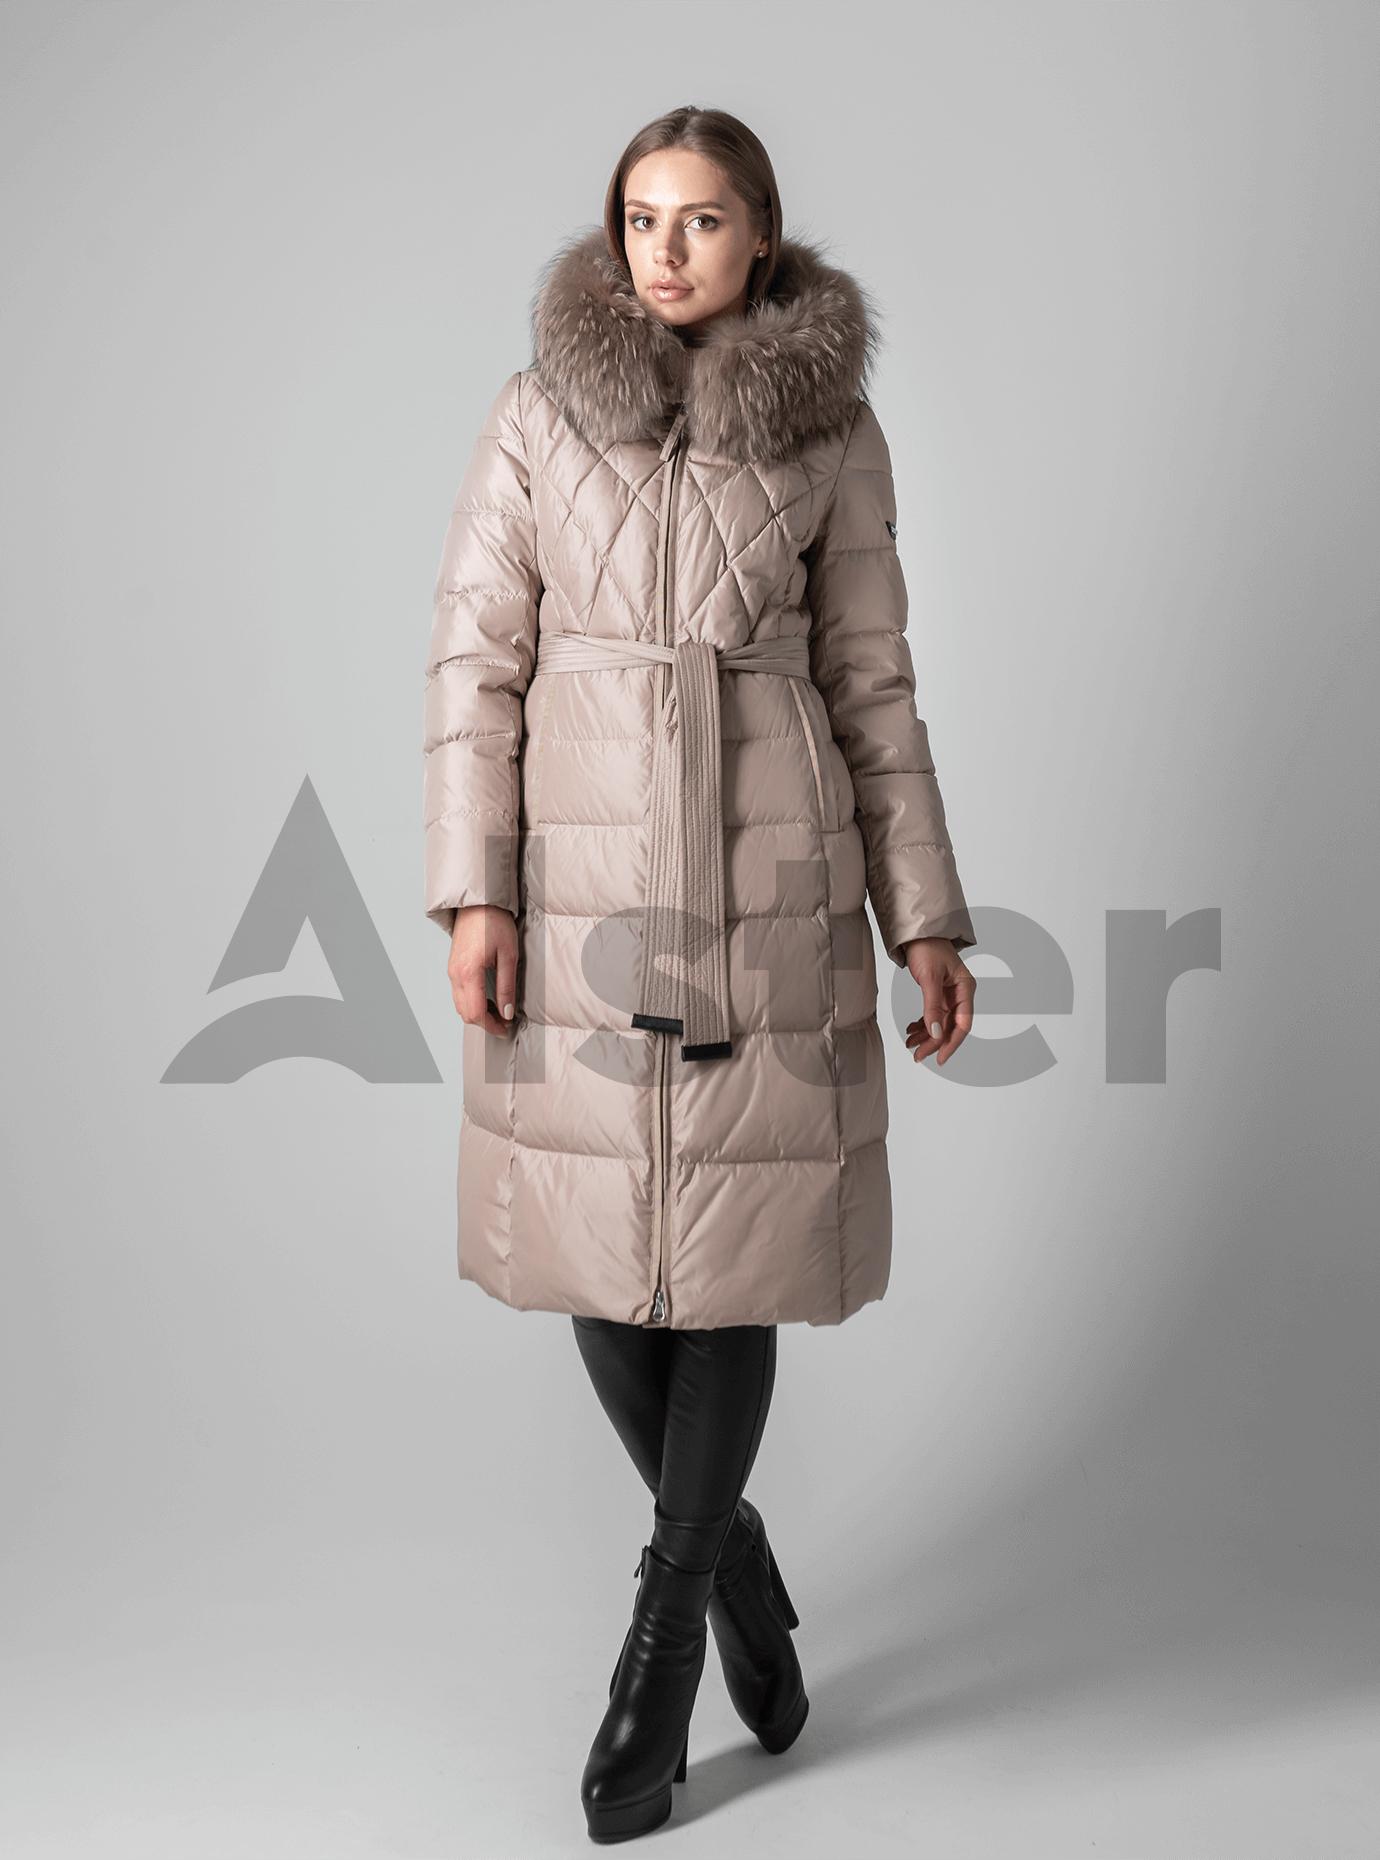 Зимняя женская куртка стёганая с мехом Бежевый L (02-190161): фото - Alster.ua